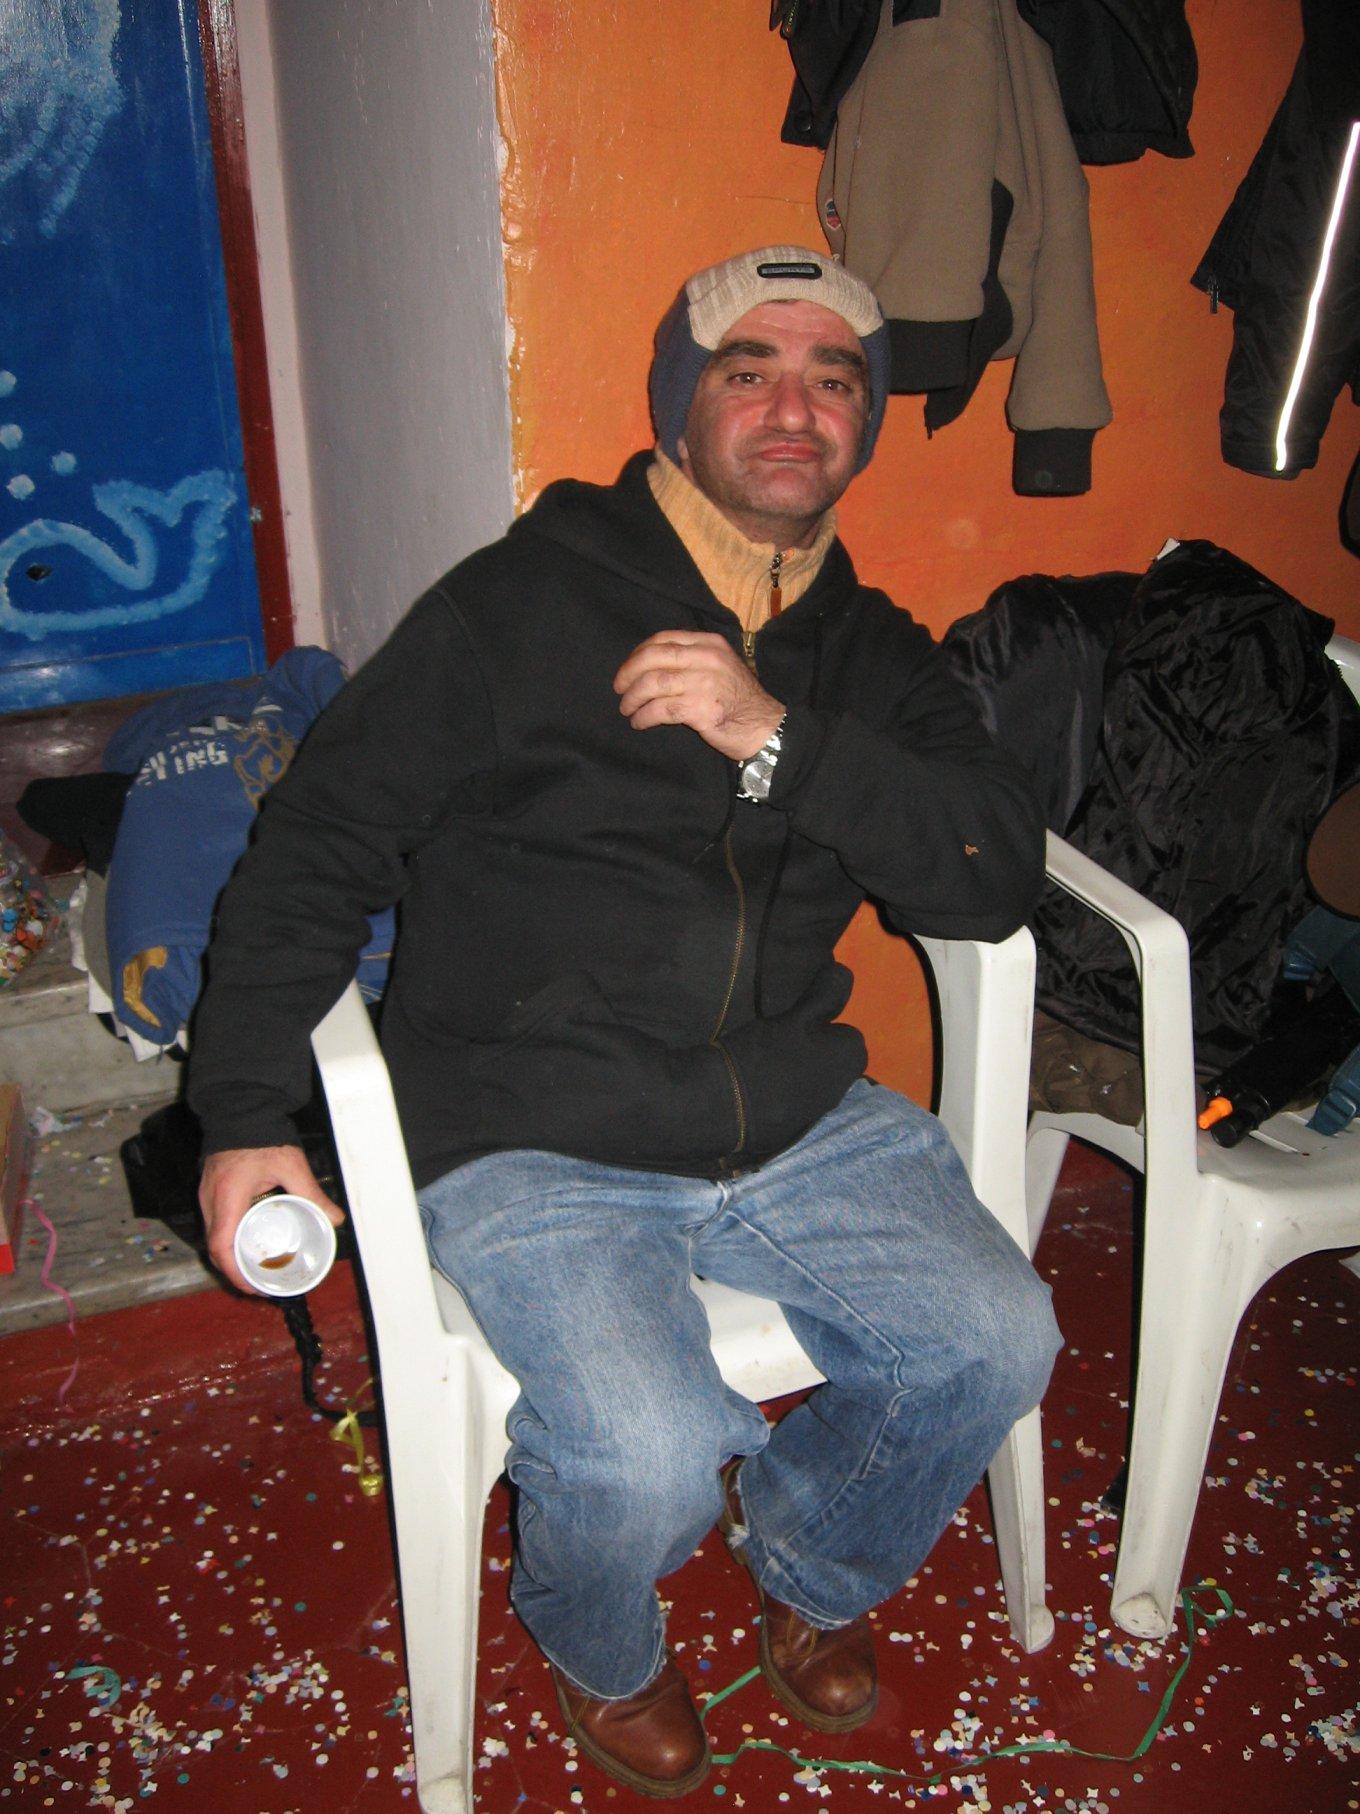 Pentolaccia-2009-02-22--17.37.40.jpg